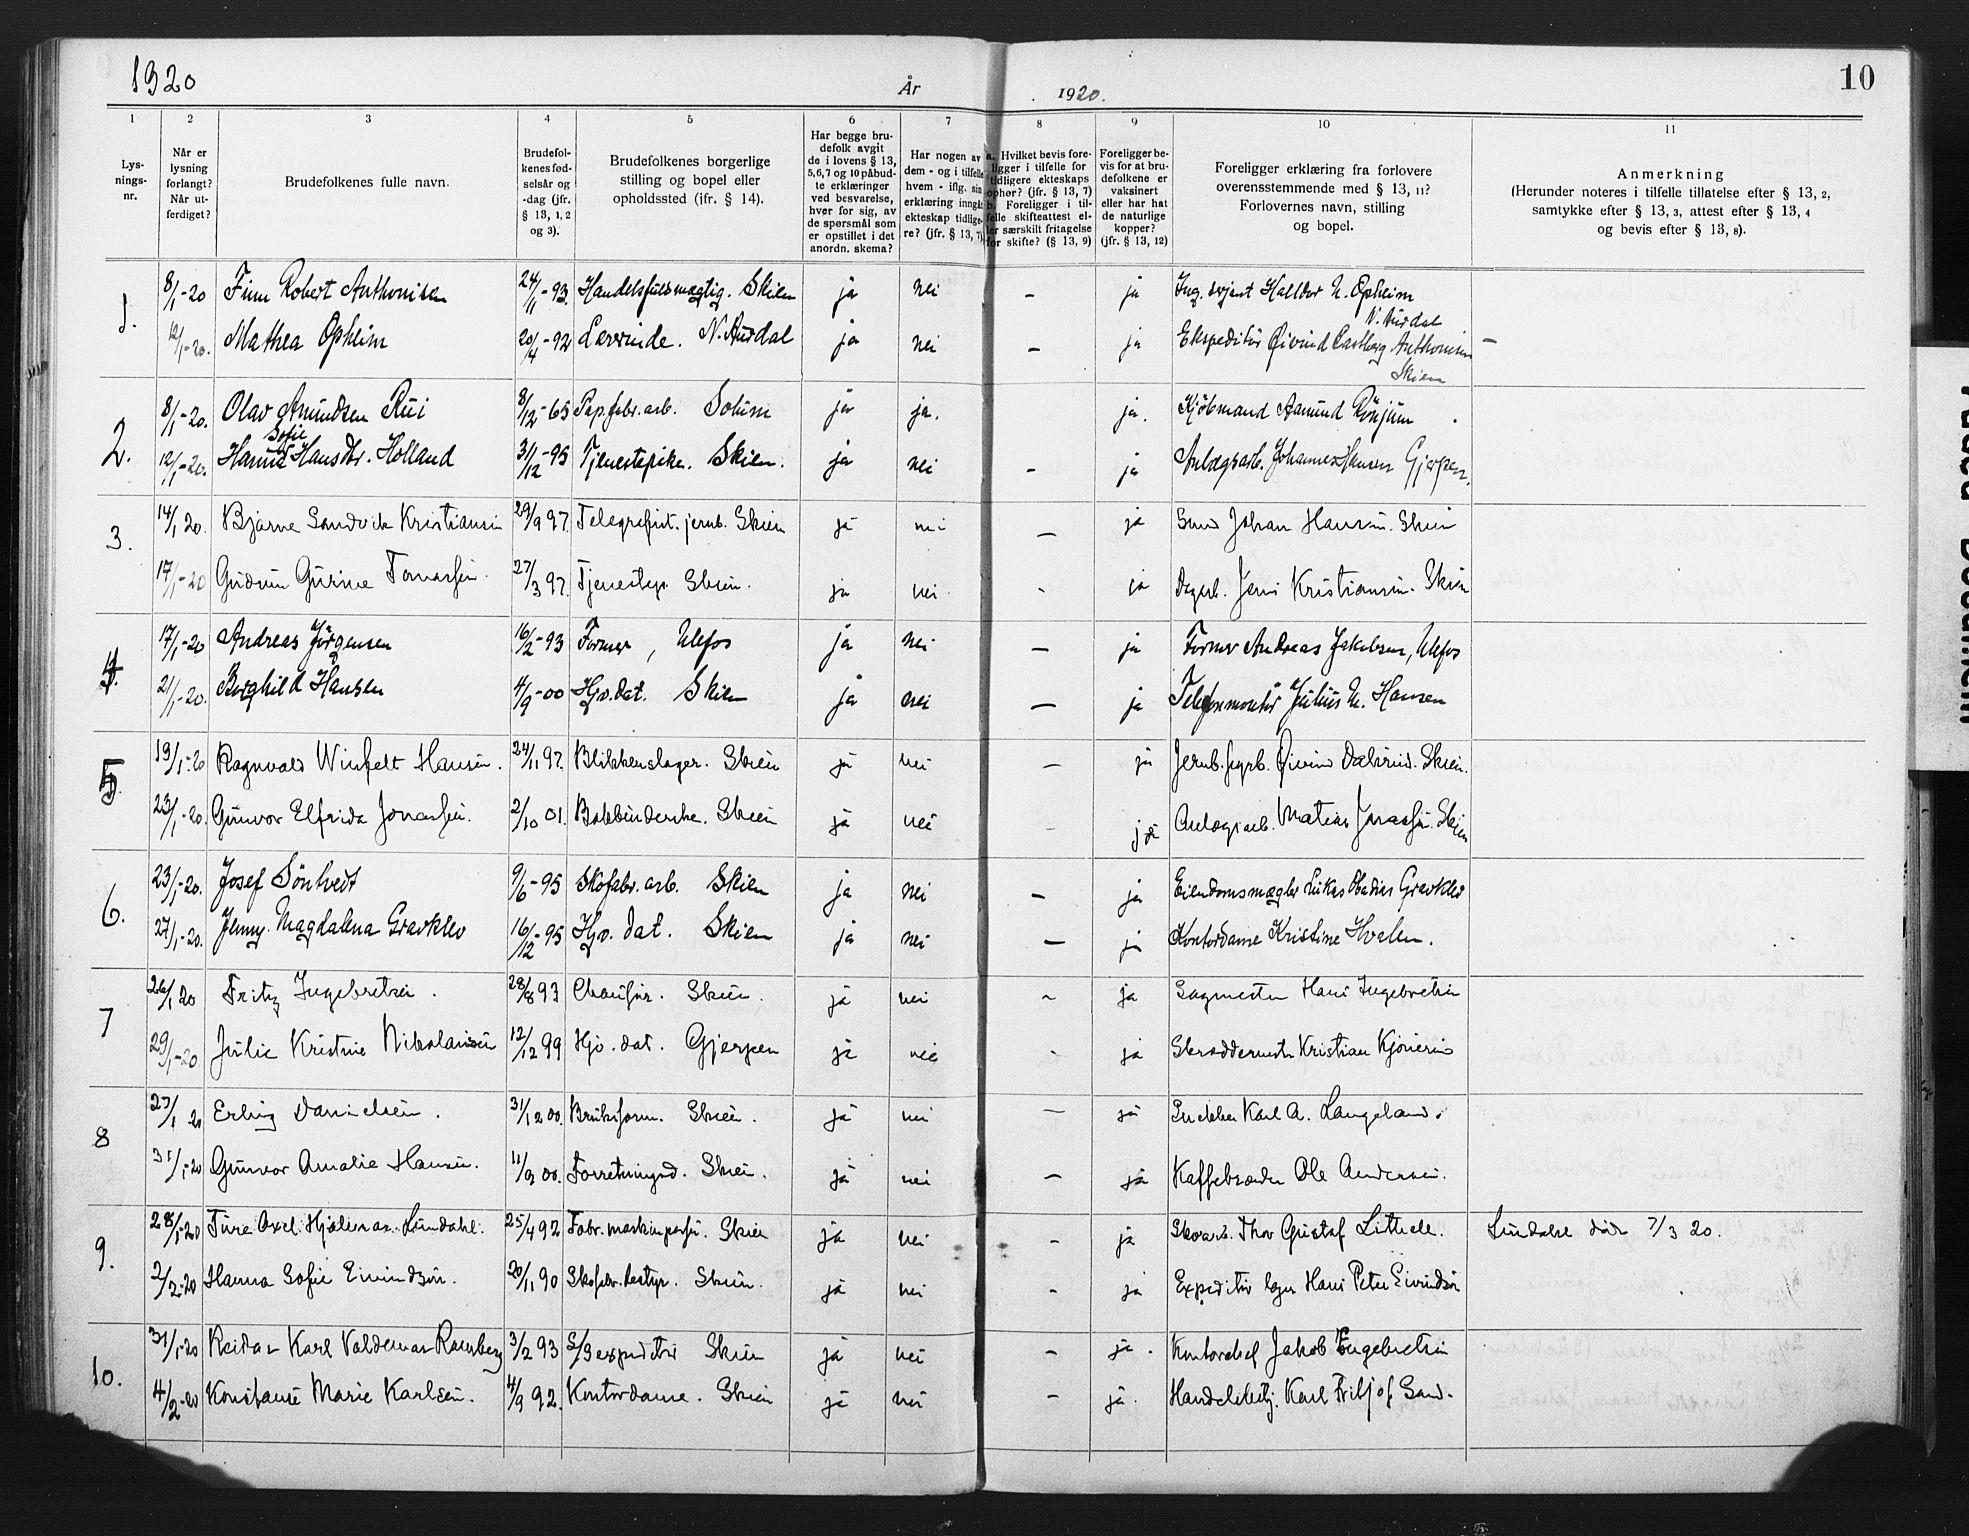 SAKO, Skien kirkebøker, H/Ha/L0001: Lysningsprotokoll nr. 1, 1919-1929, s. 10